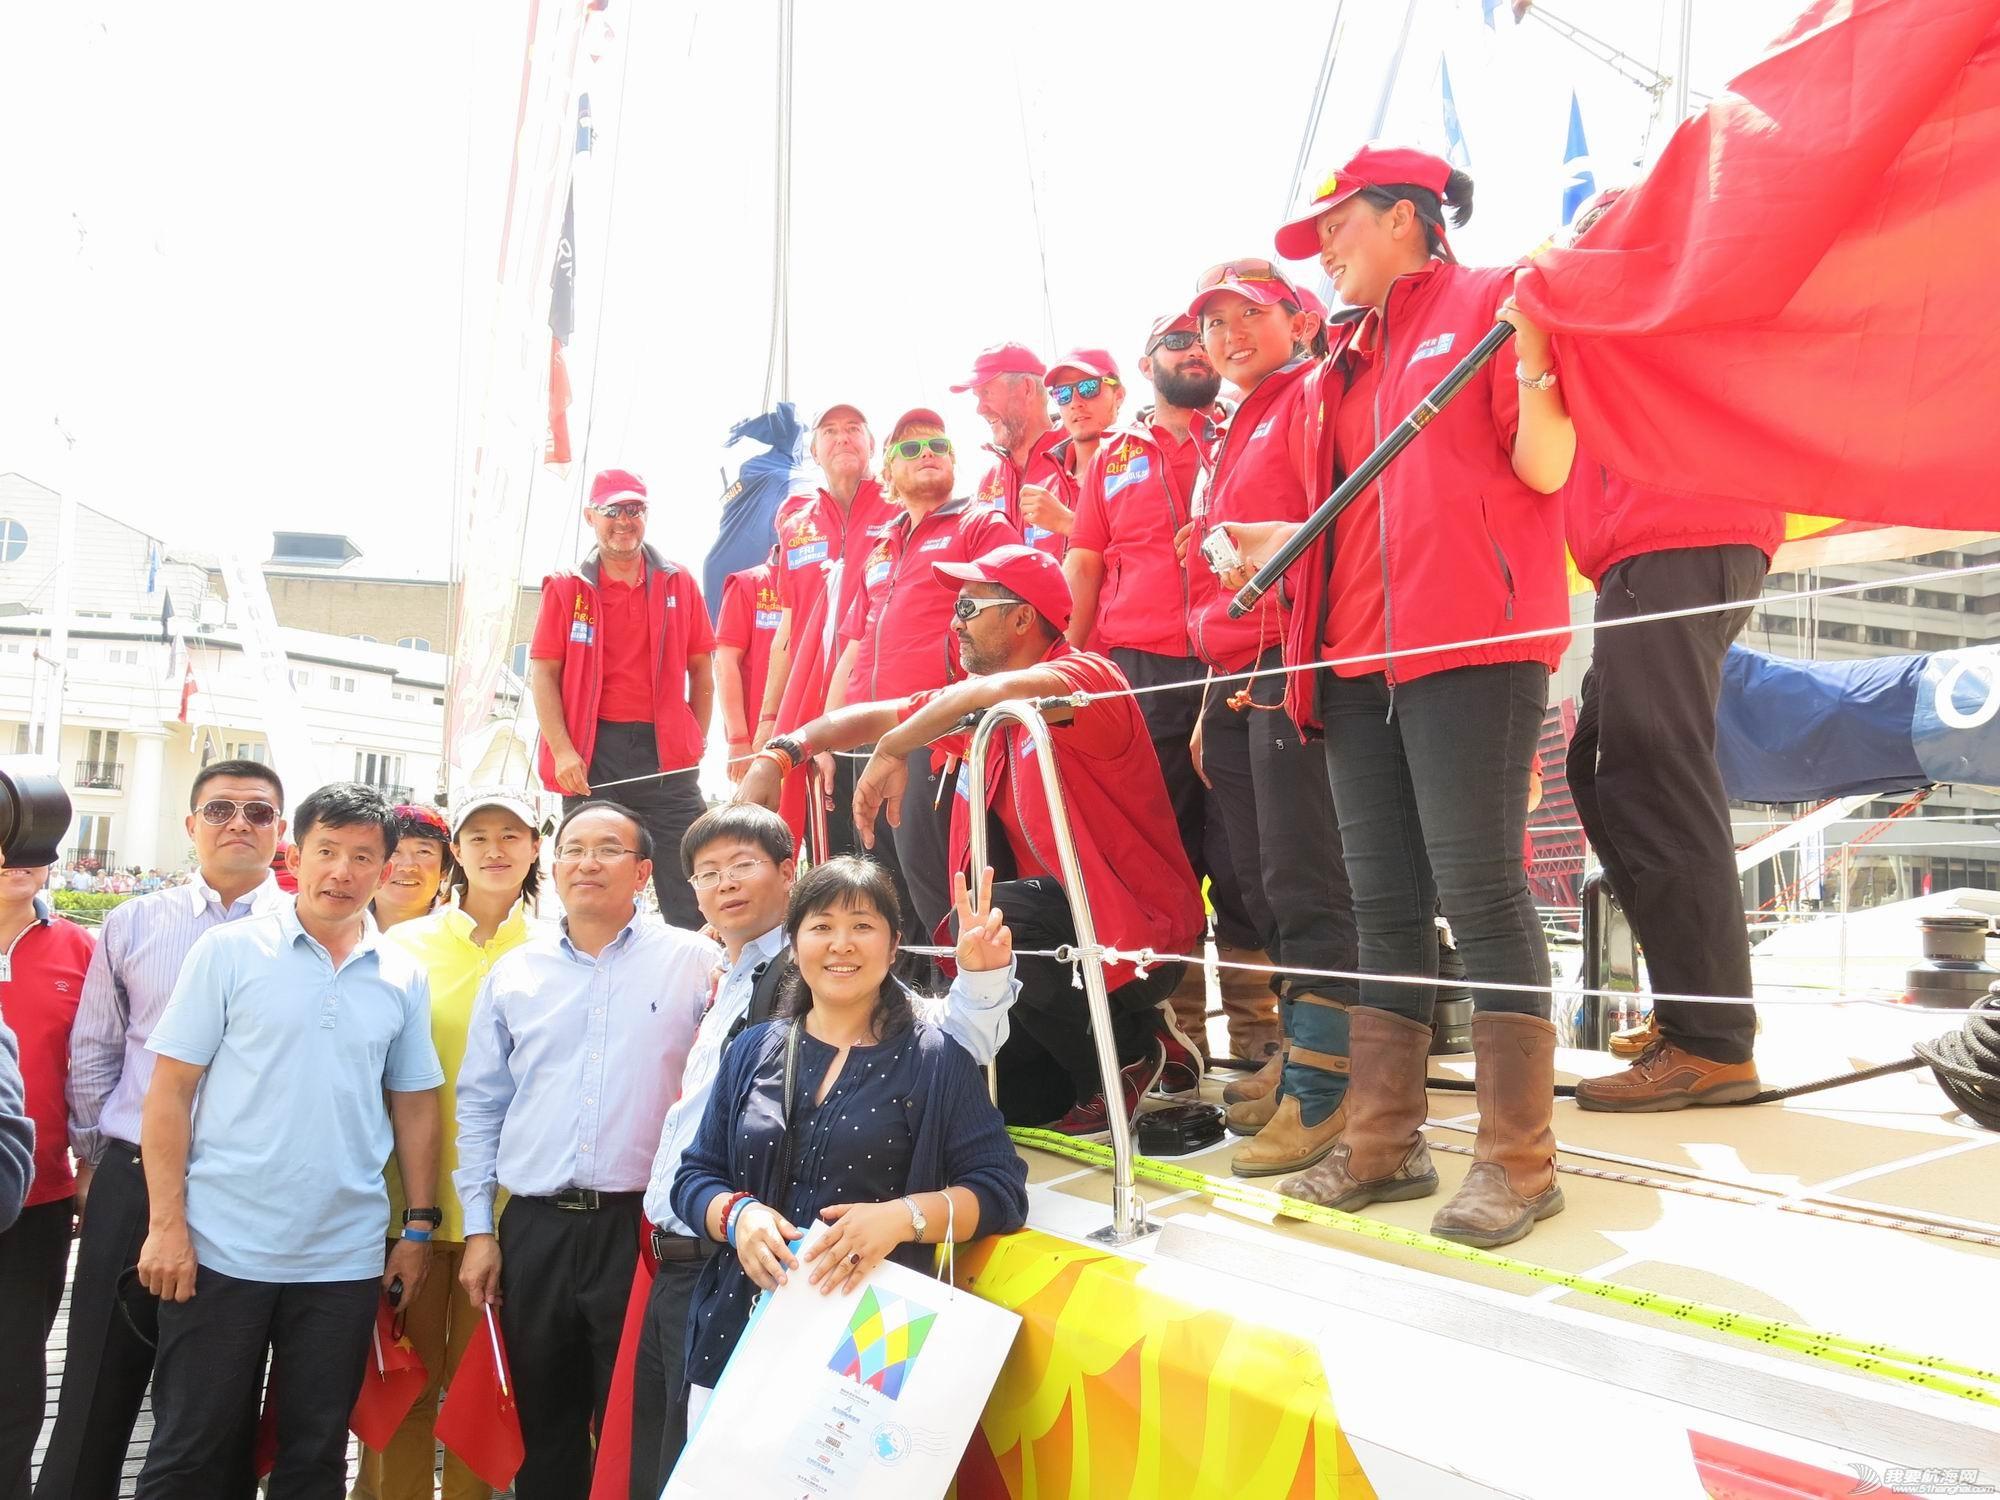 奥运冠军,大不列颠,泰晤士河,航海家,徐莉佳 中国姑娘宋坤顺利完成克利伯环球帆船赛,成为中国第一位完成帆船赛环球航行的女水手。 ii.jpg